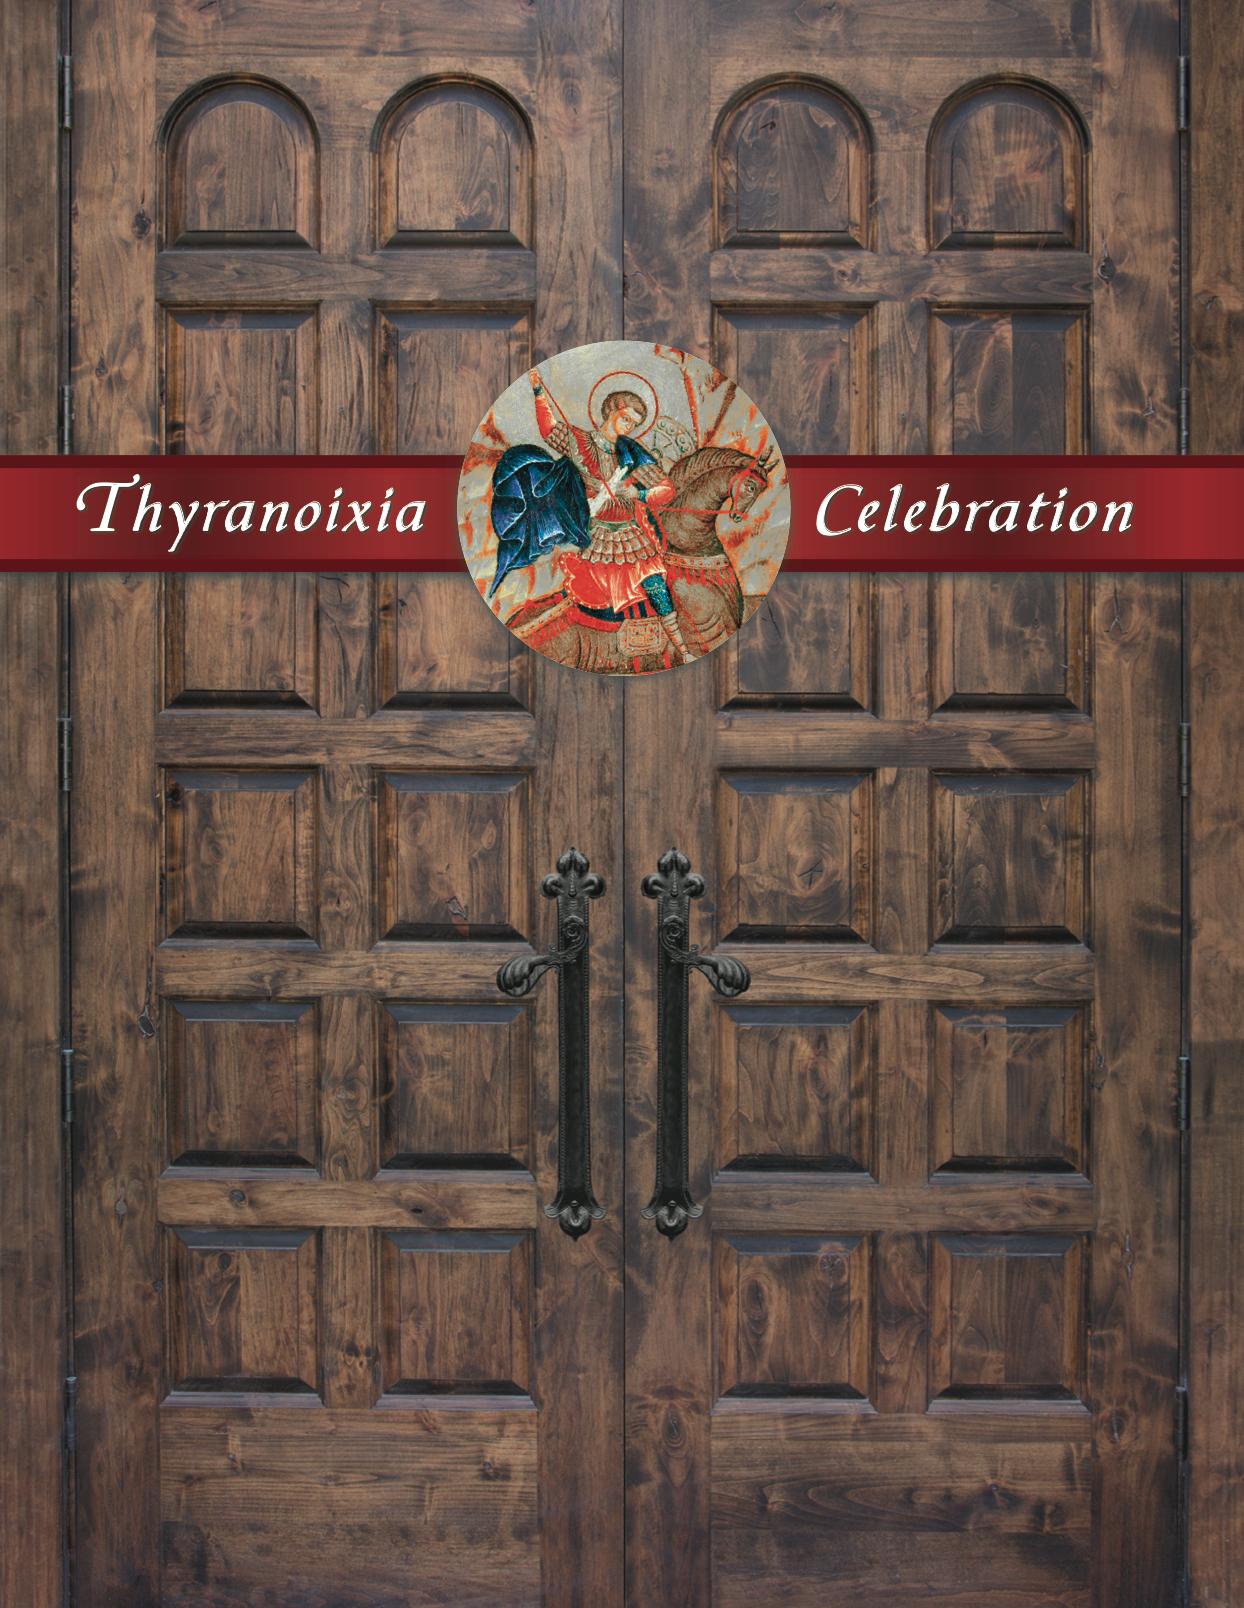 Thyranoixia Celebration